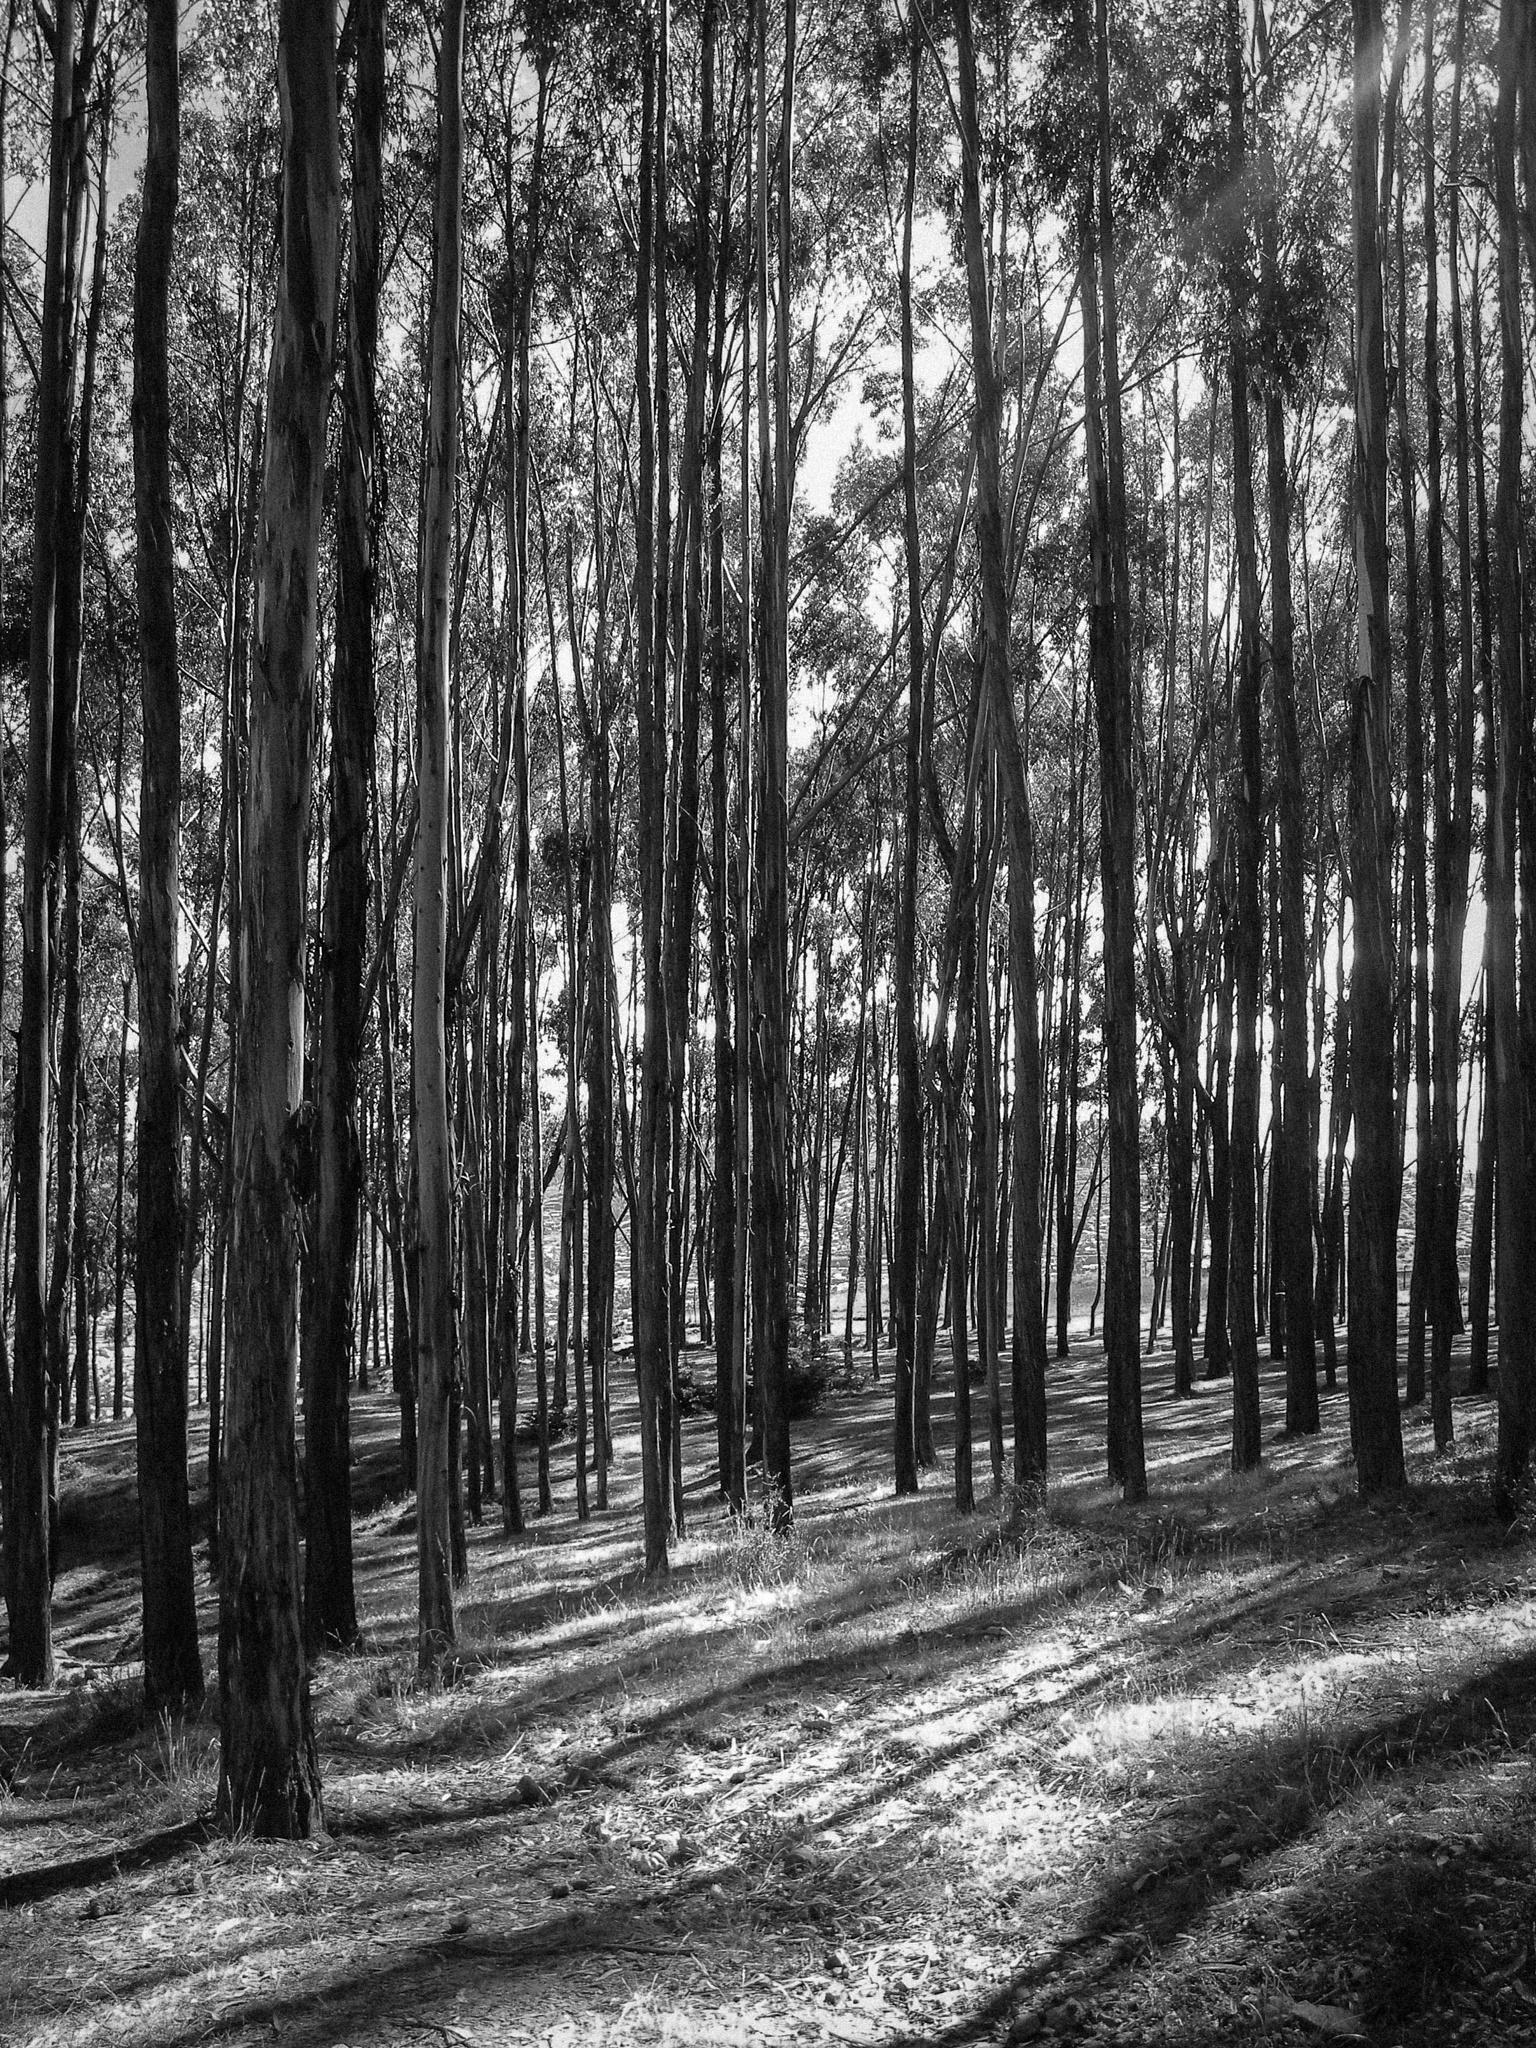 Bosque by Gerardo leon